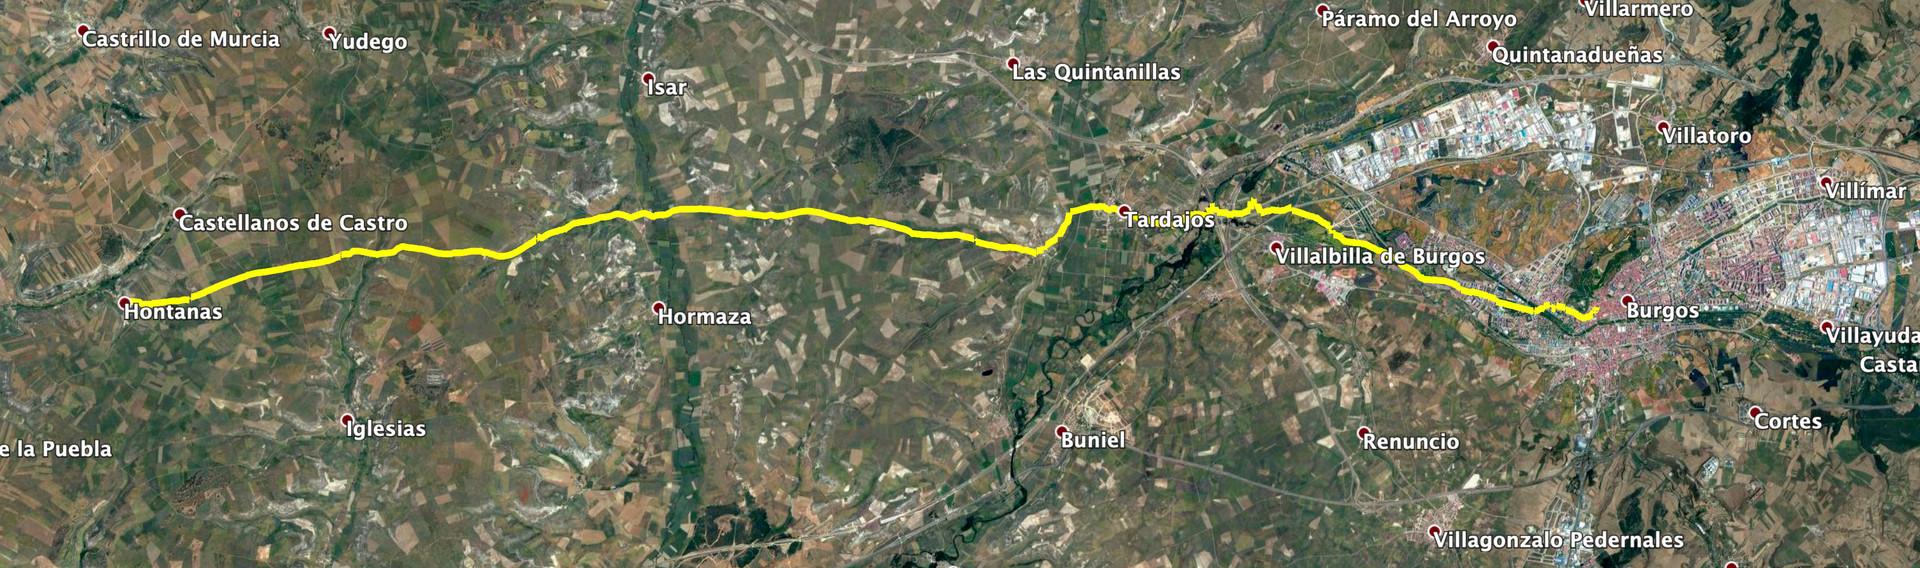 CF Day 15 Map.jpg